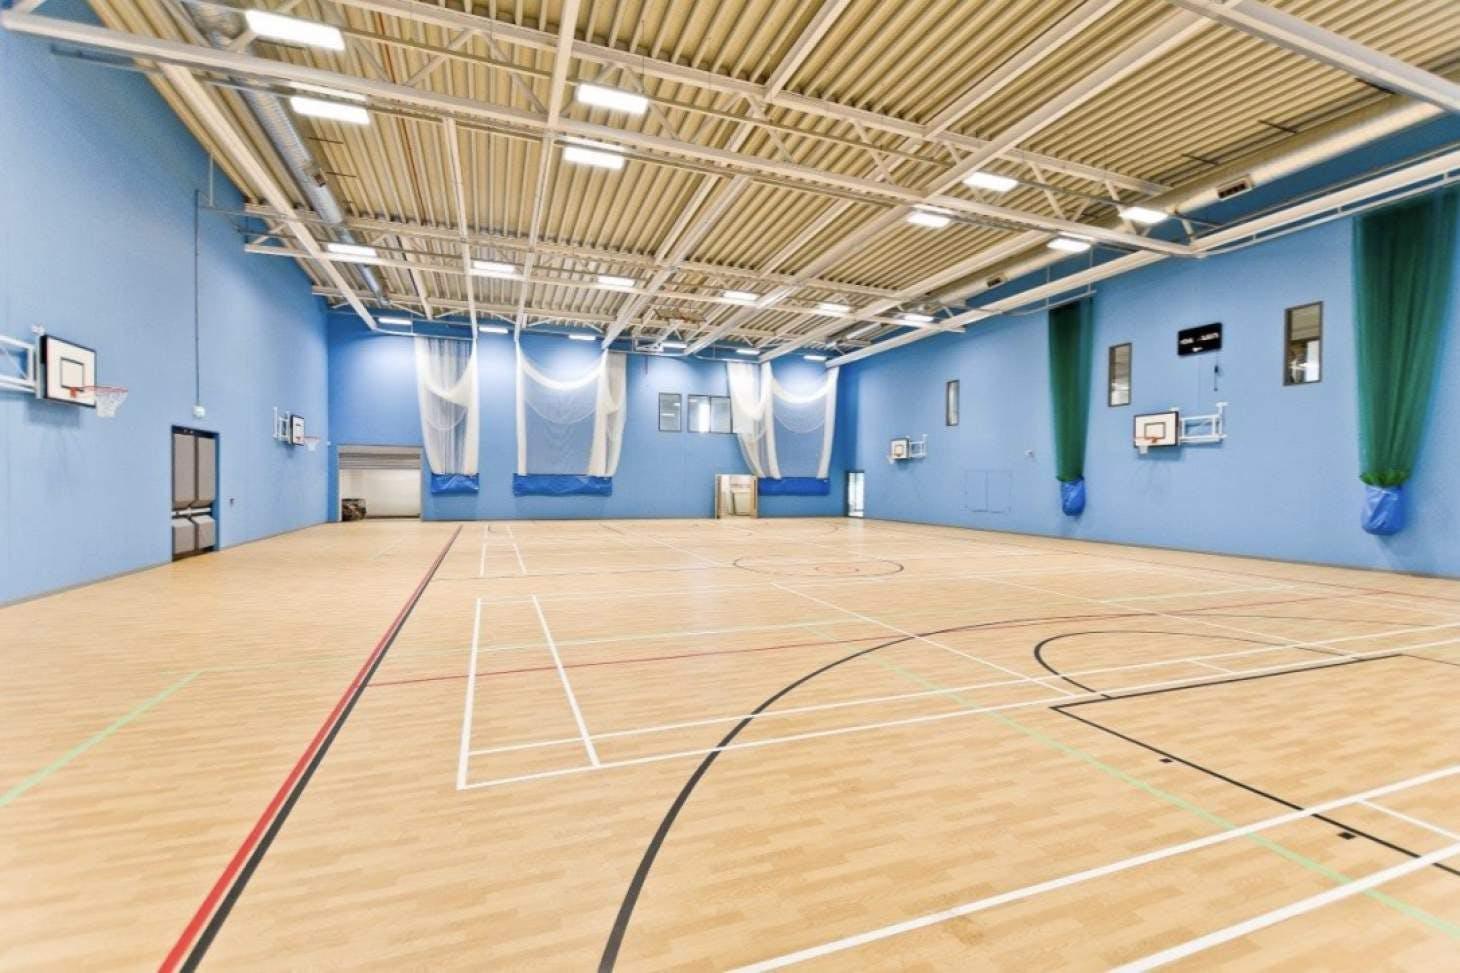 Beaumont School Indoor basketball court